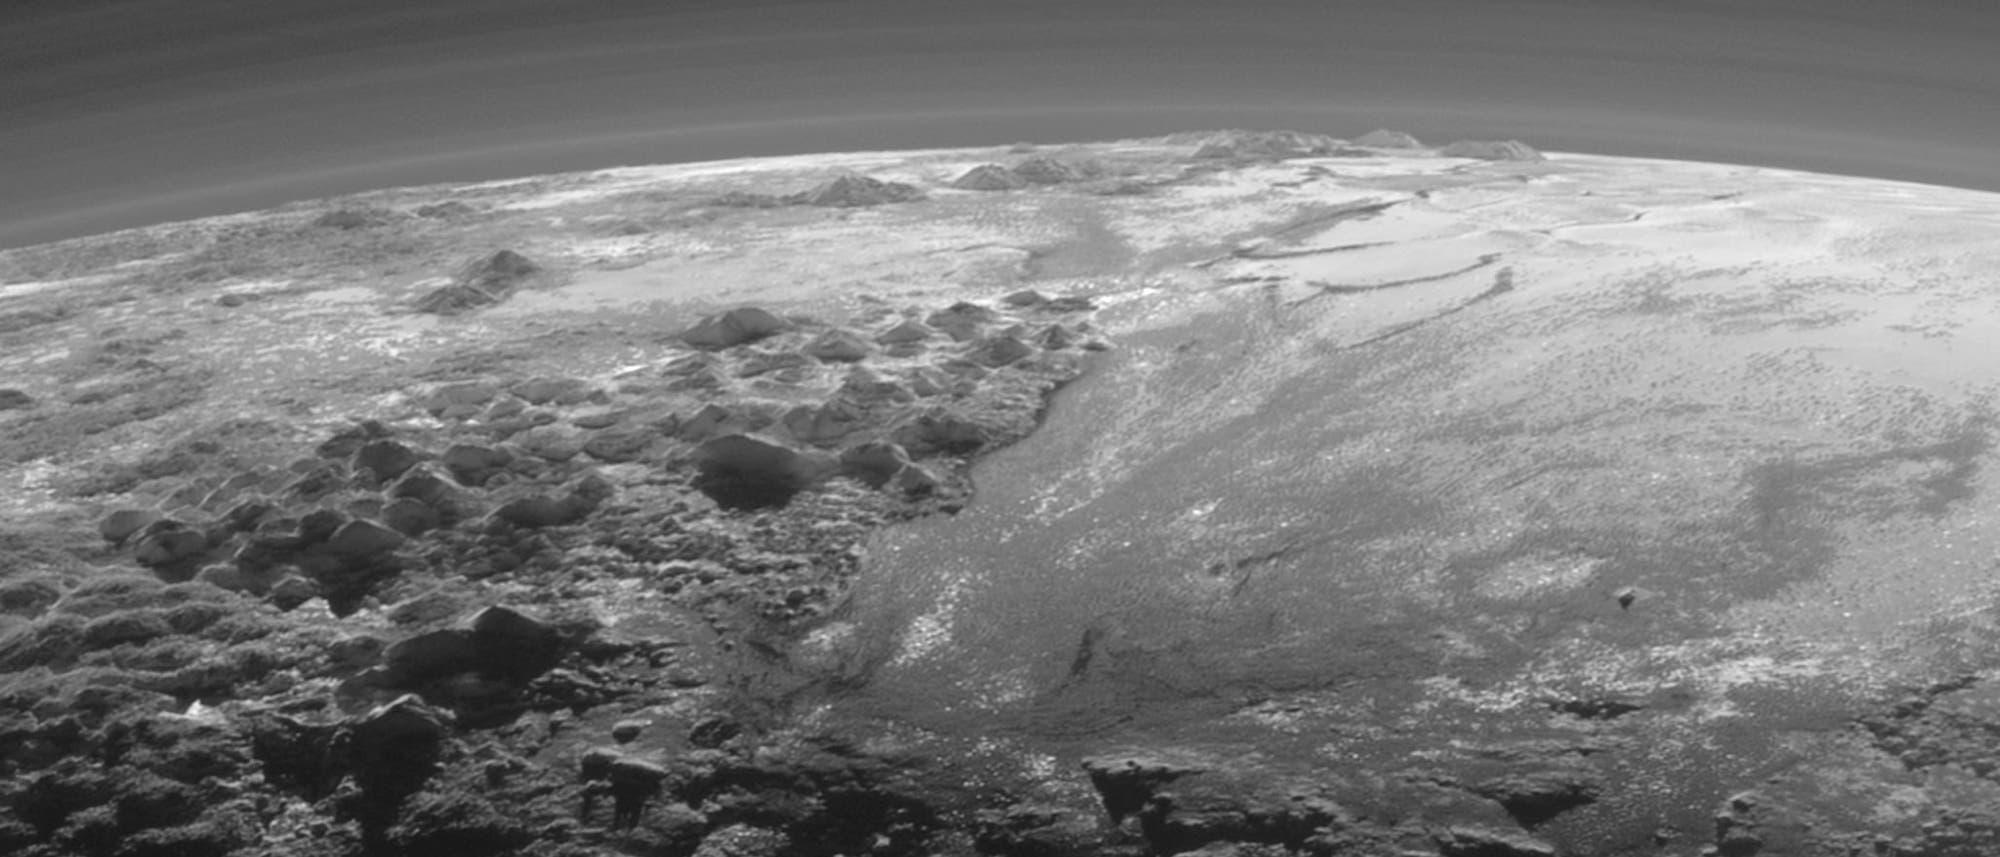 Ausschnitt aus der Pluto-Sichel